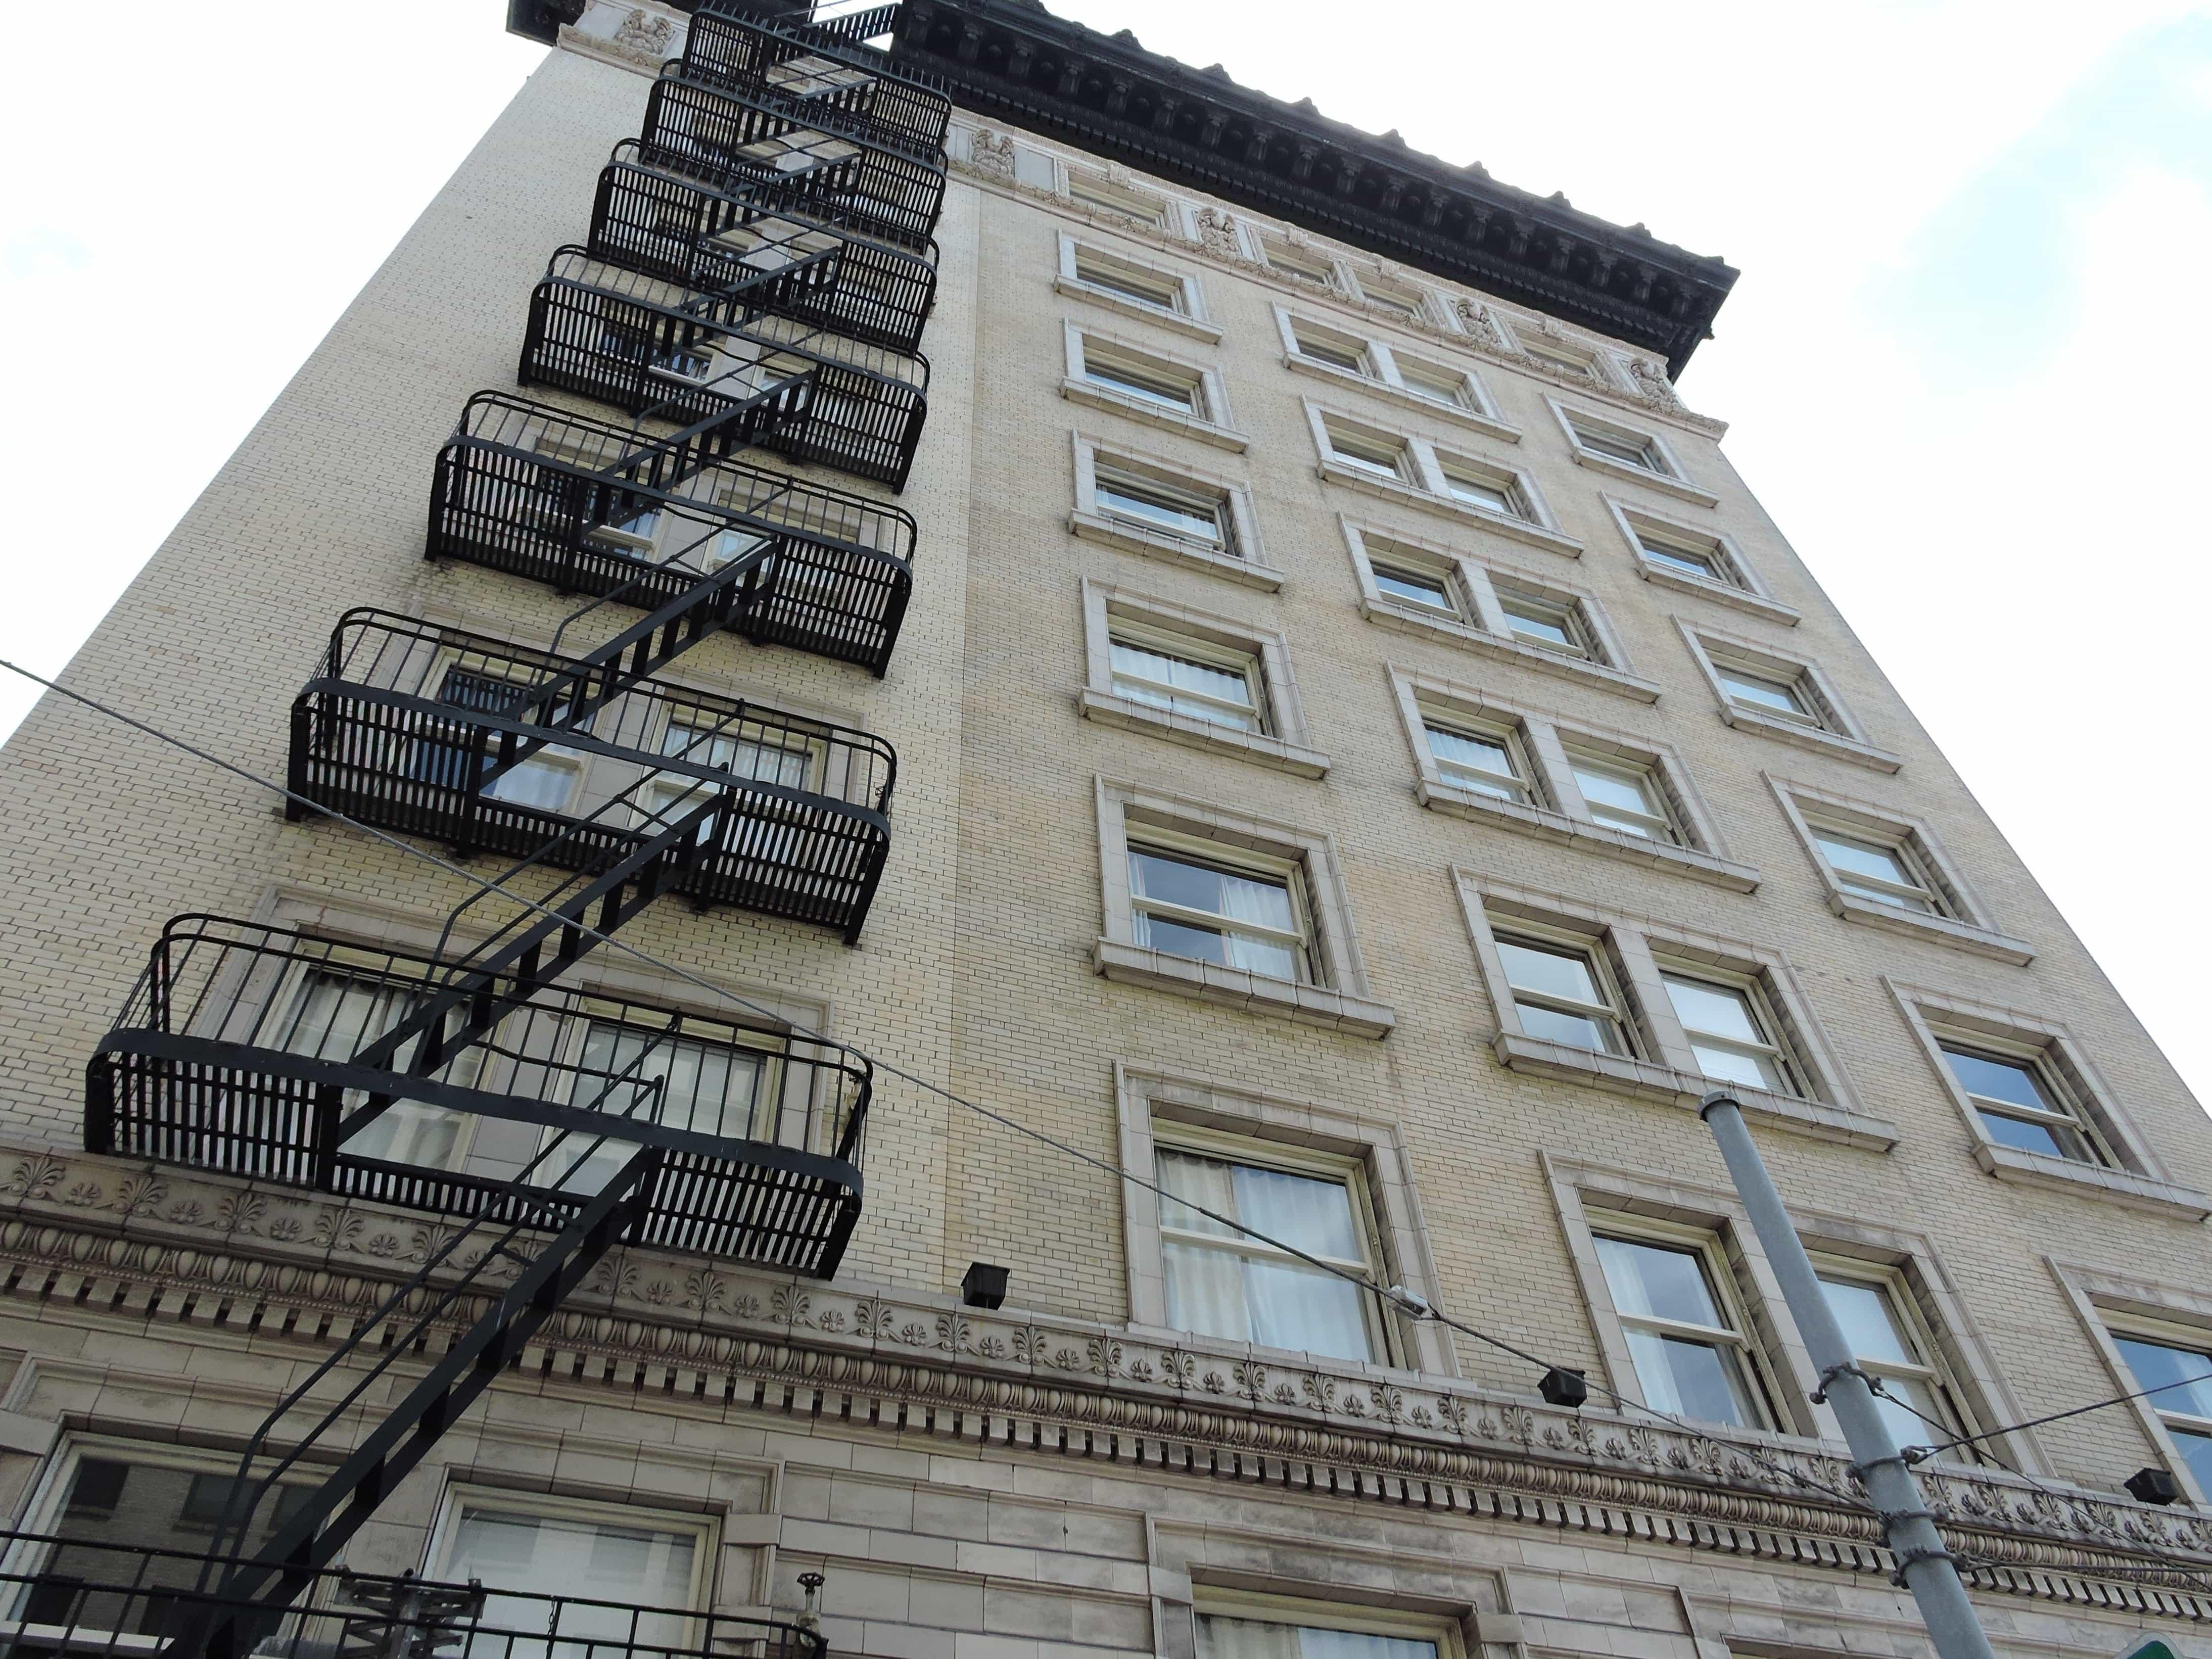 Architektur Fassade kostenlose bild architektur stadt modernes gebäude fenster